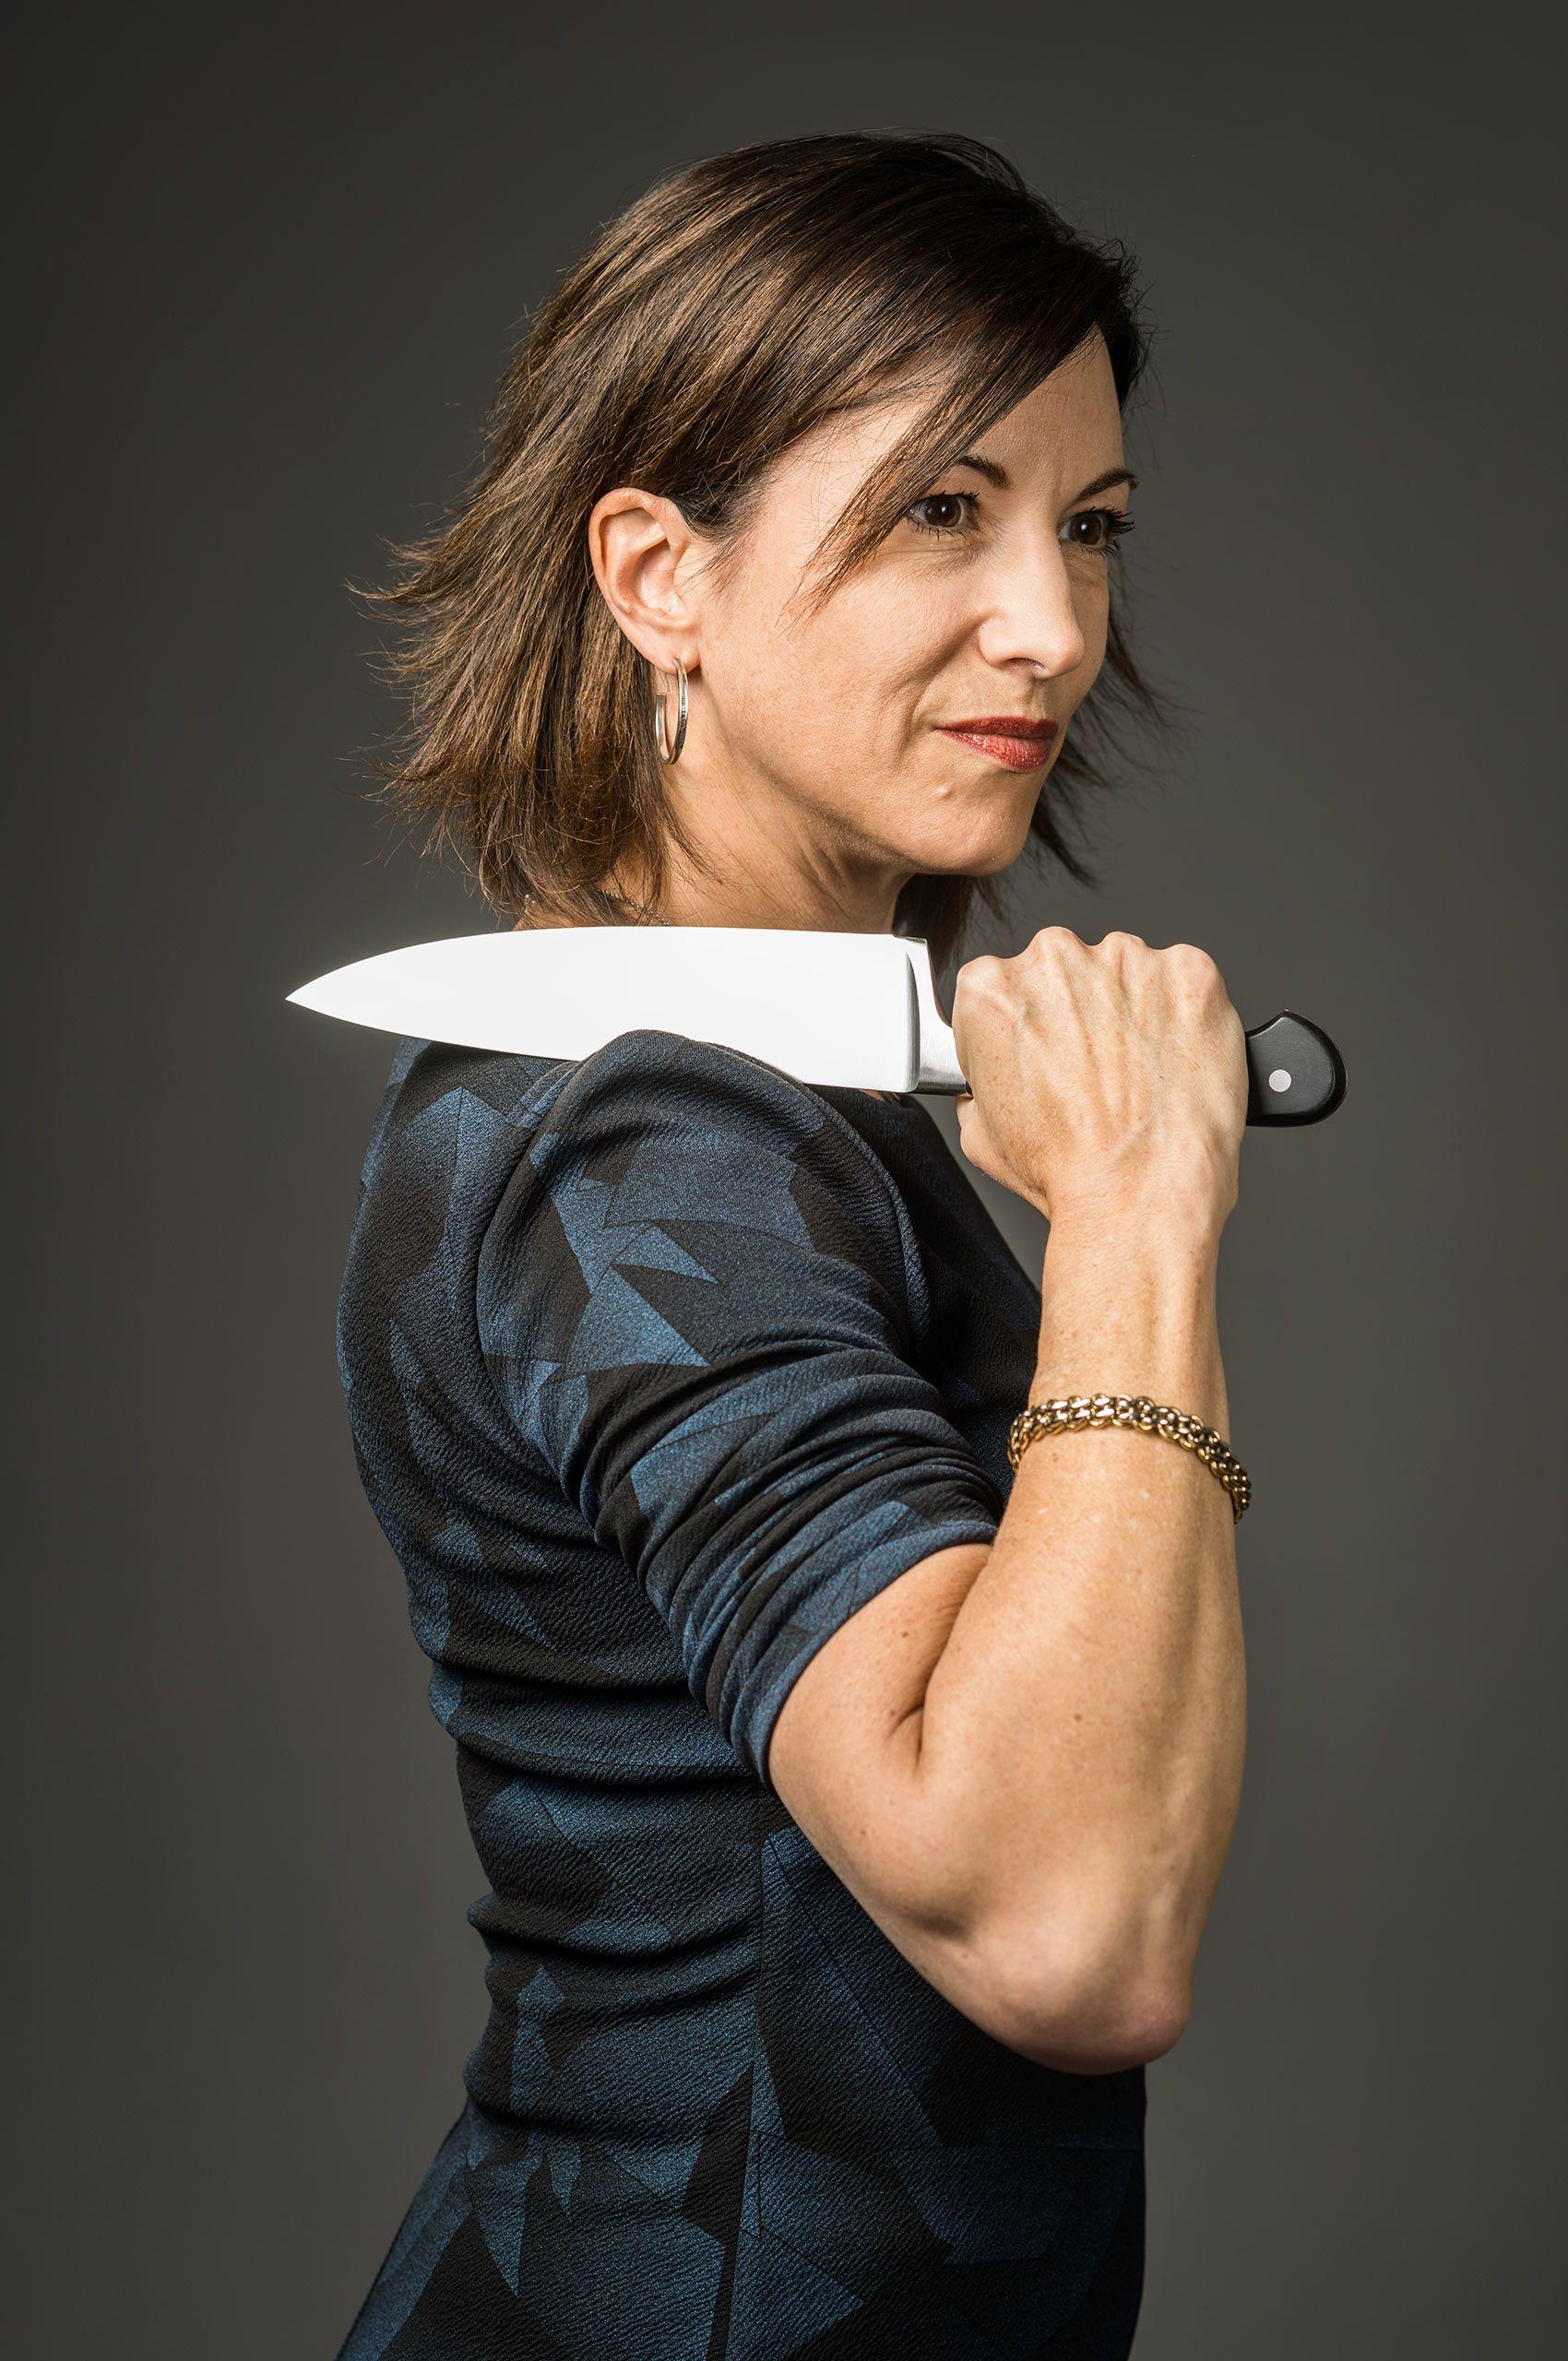 woman-holding-knife-by-HenrikOlundPhotography.jpg